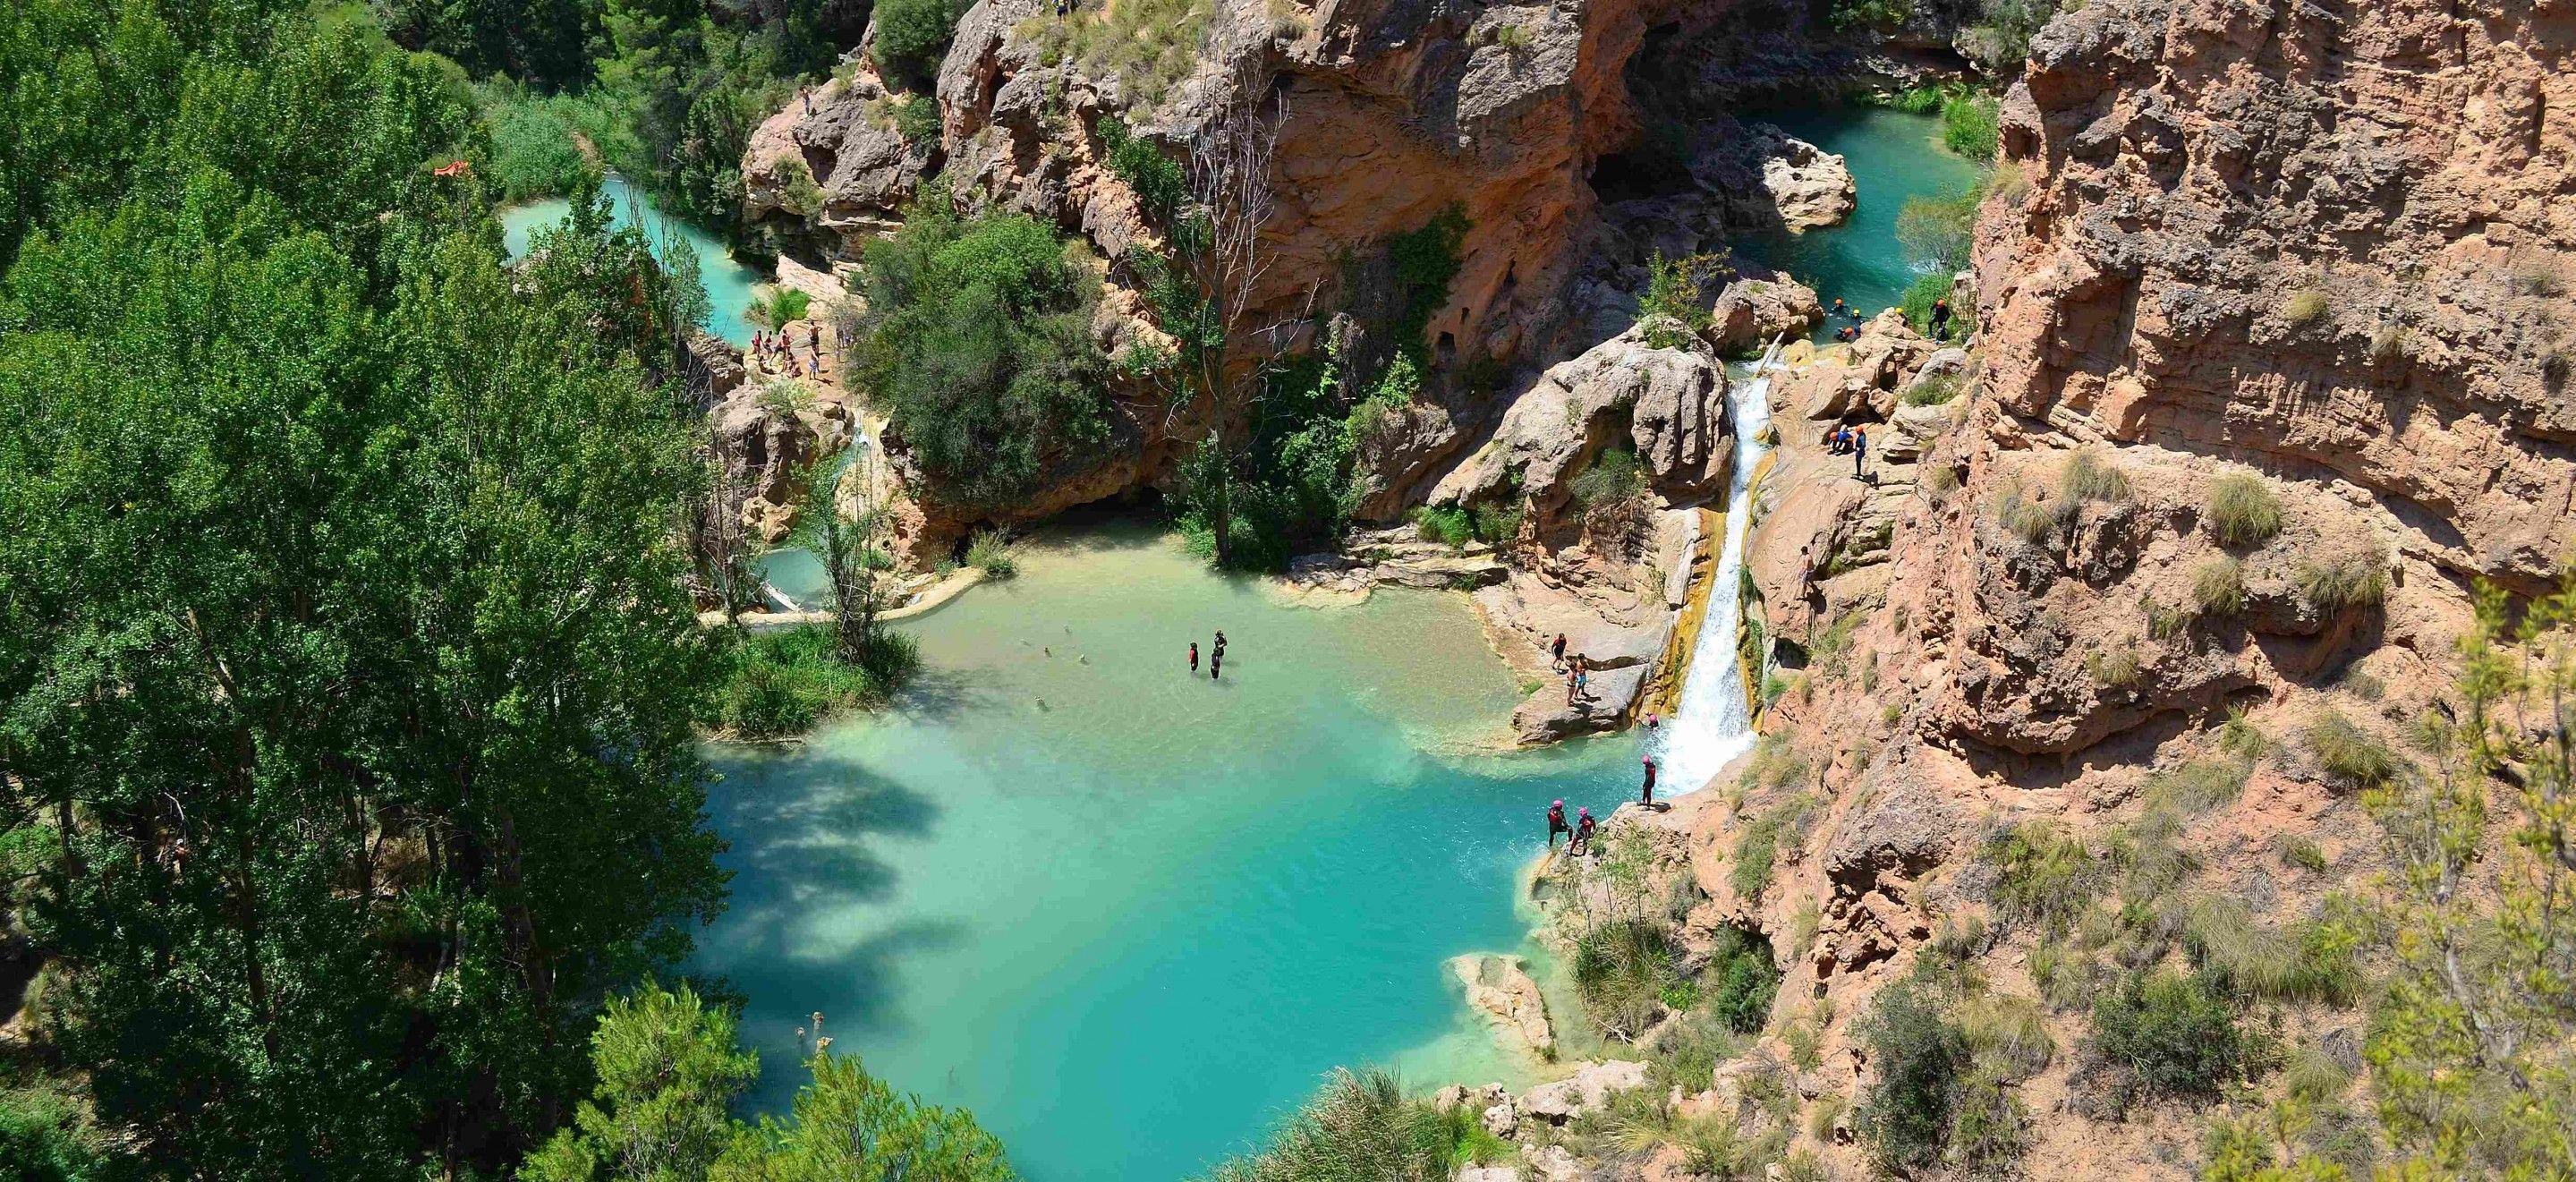 Las chorreras en la provincia de cuenca wanders - Piscinas naturales espana ...